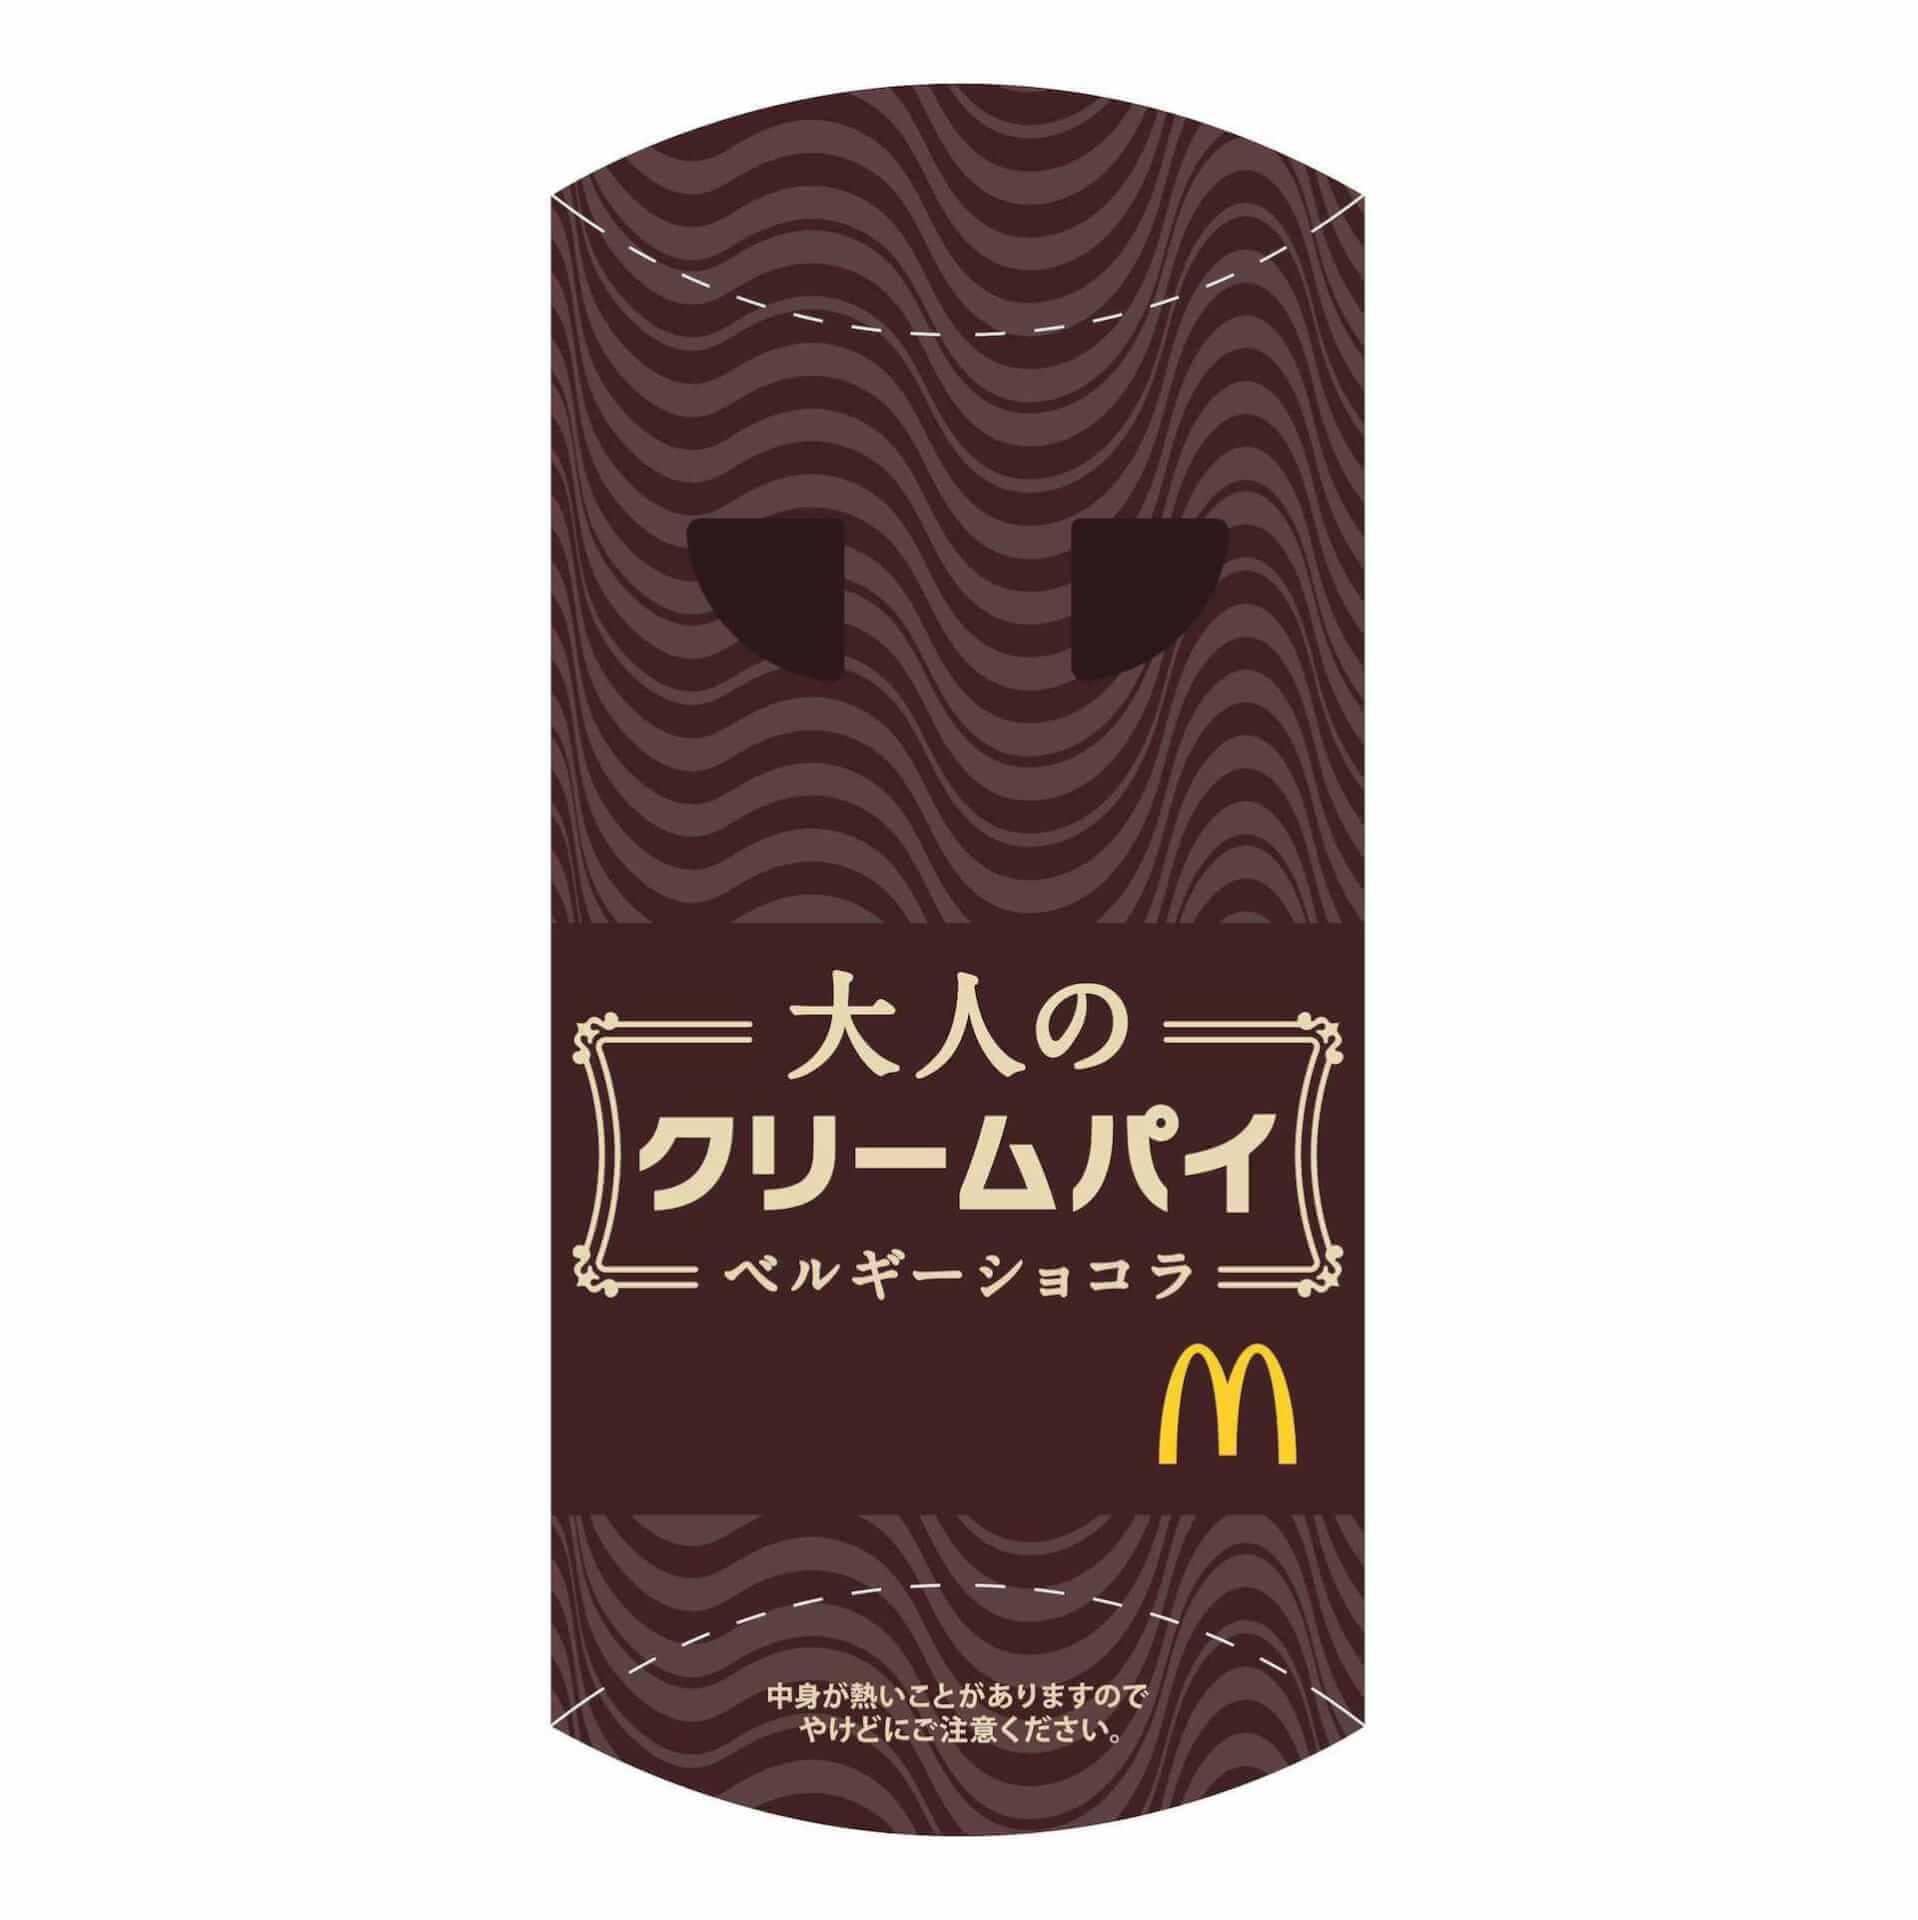 マクドナルドで「大人のクリームパイ」が期間限定発売!dポイントプレゼントキャンペーンも gourmet200115_mcdonald_pie_4